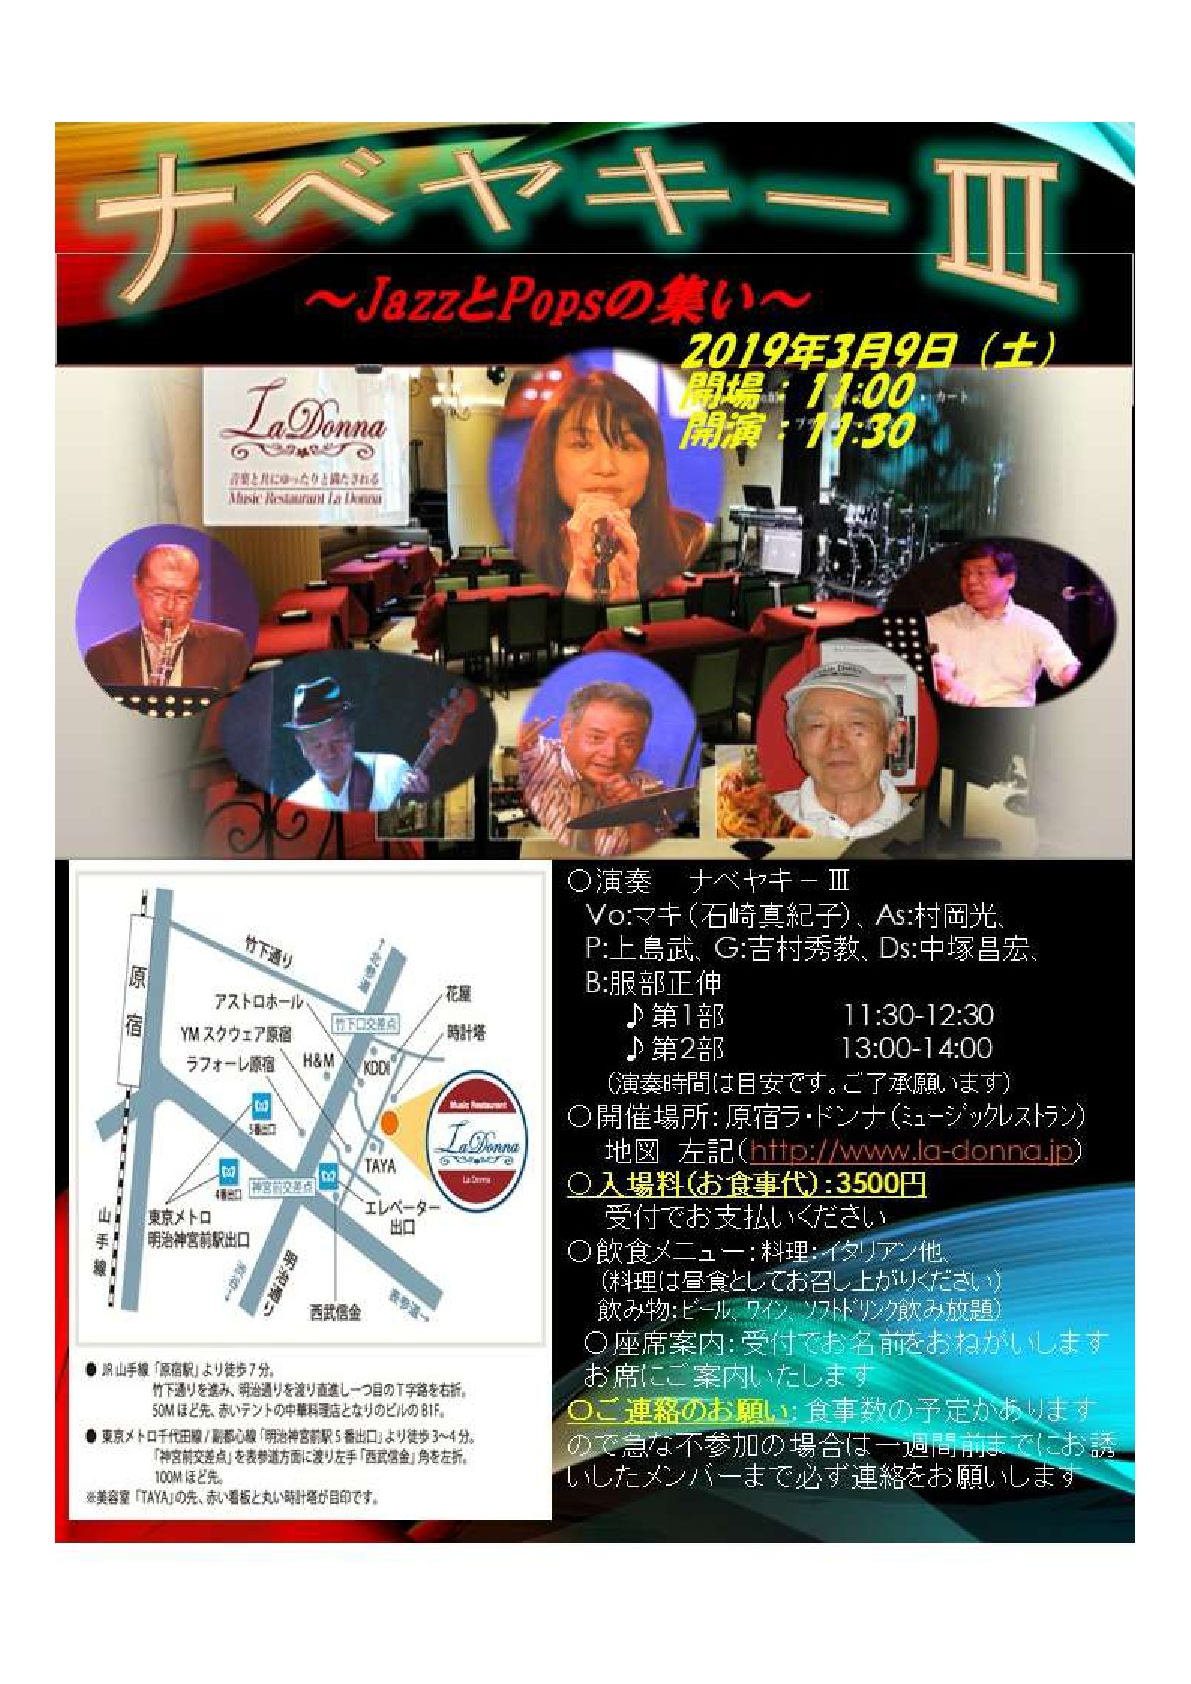 ナベヤキーⅢ   ~ JazzとPopsの集い ~